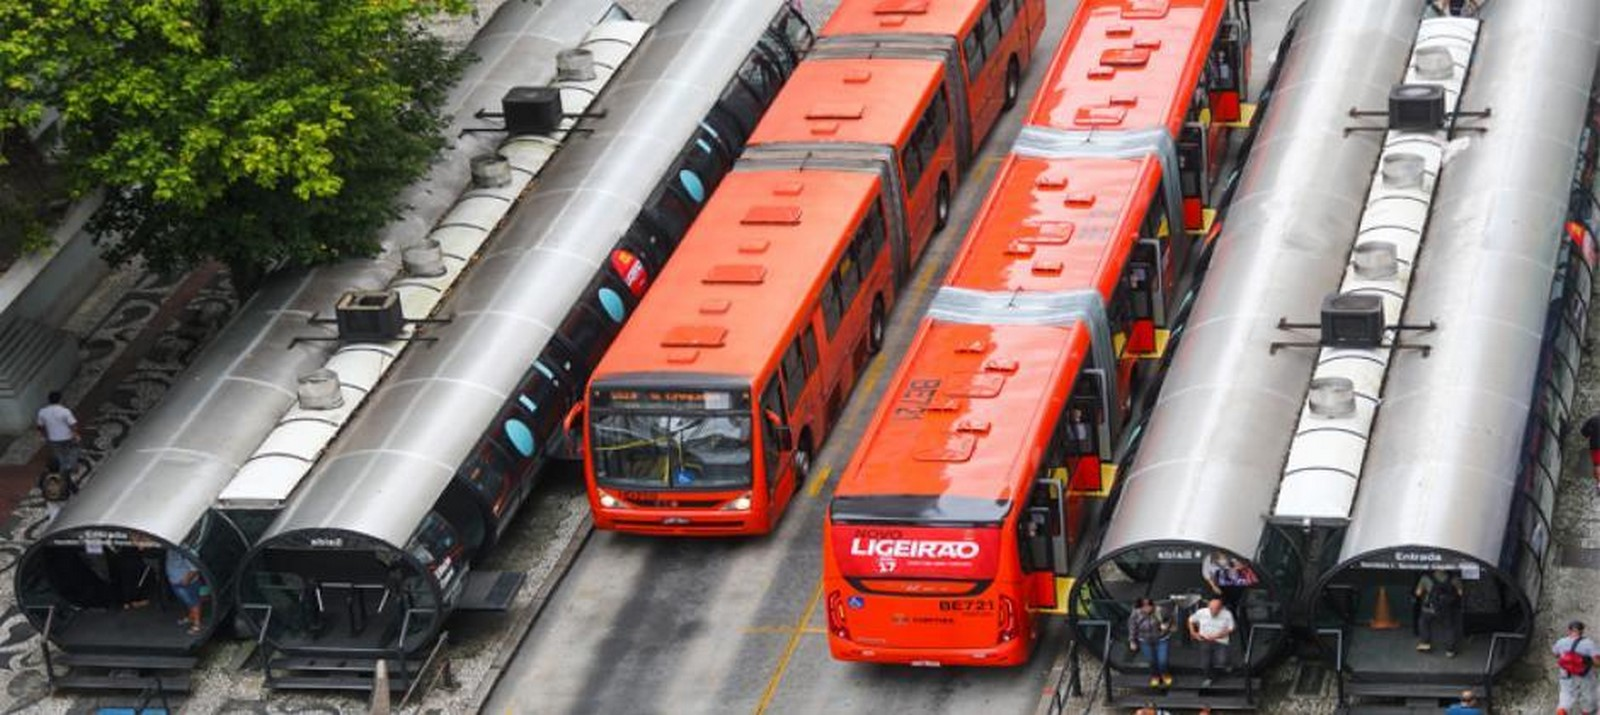 Bus Rapid Transit System, CuritibaBus Rapid Transit System, Curitiba- sheet2